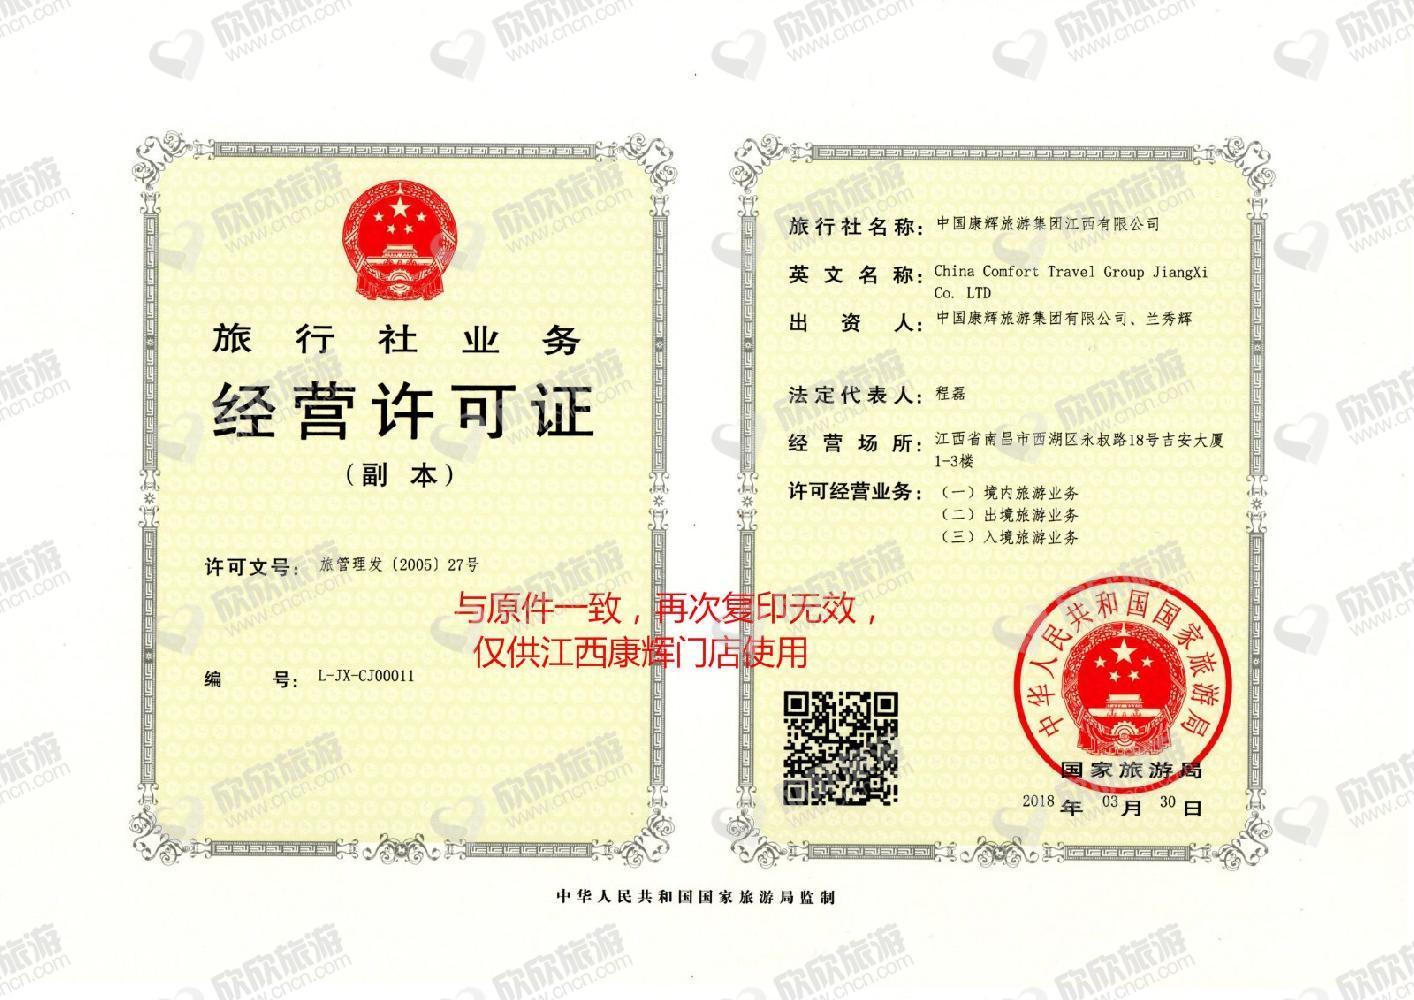 江西康辉国际旅行社有限责任公司明珠广场营业部经营许可证